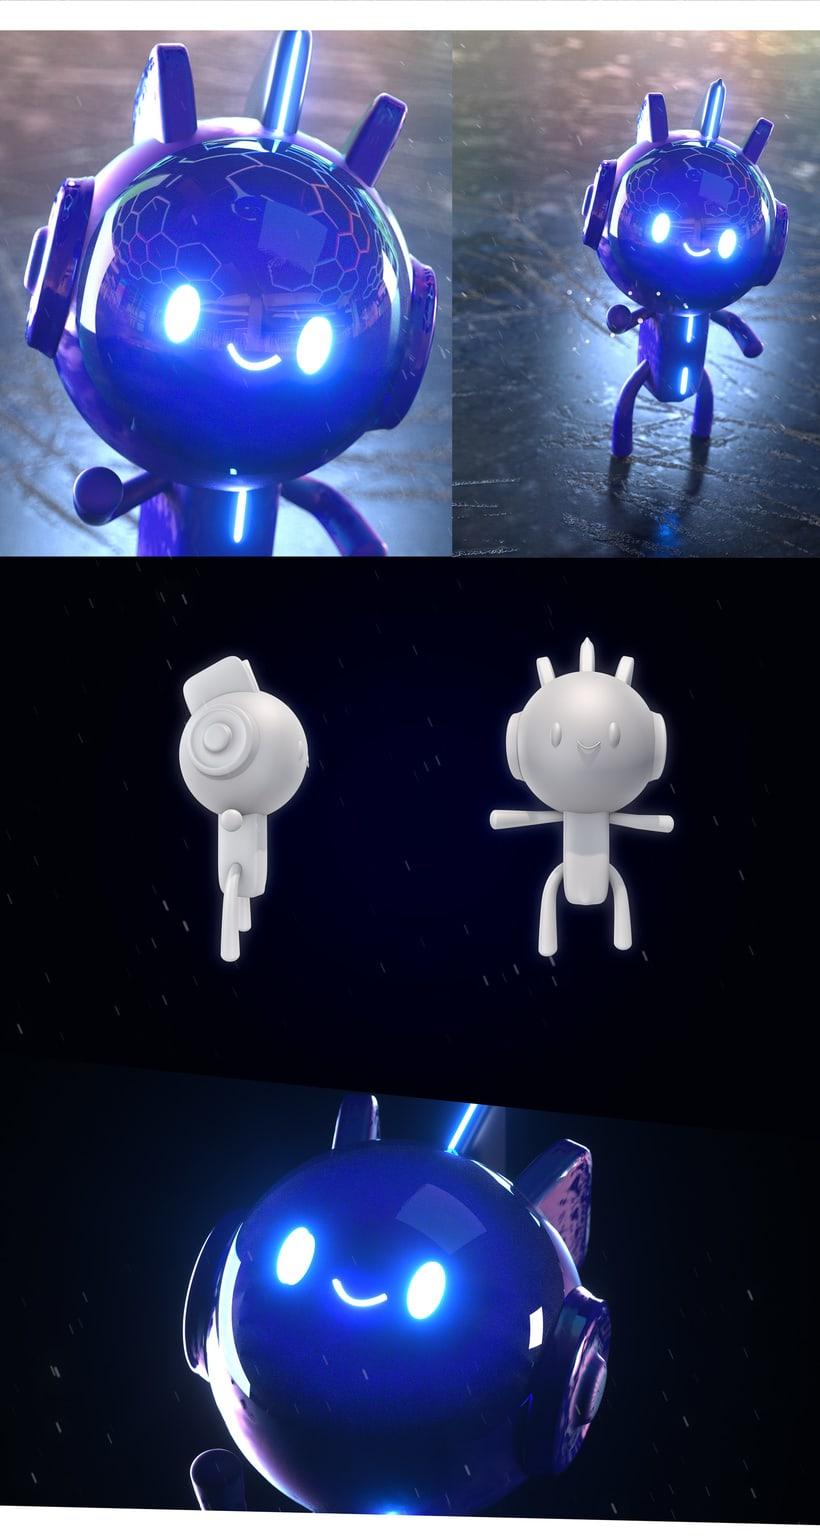 BOTTY BLUE by Oscar Creativo 3